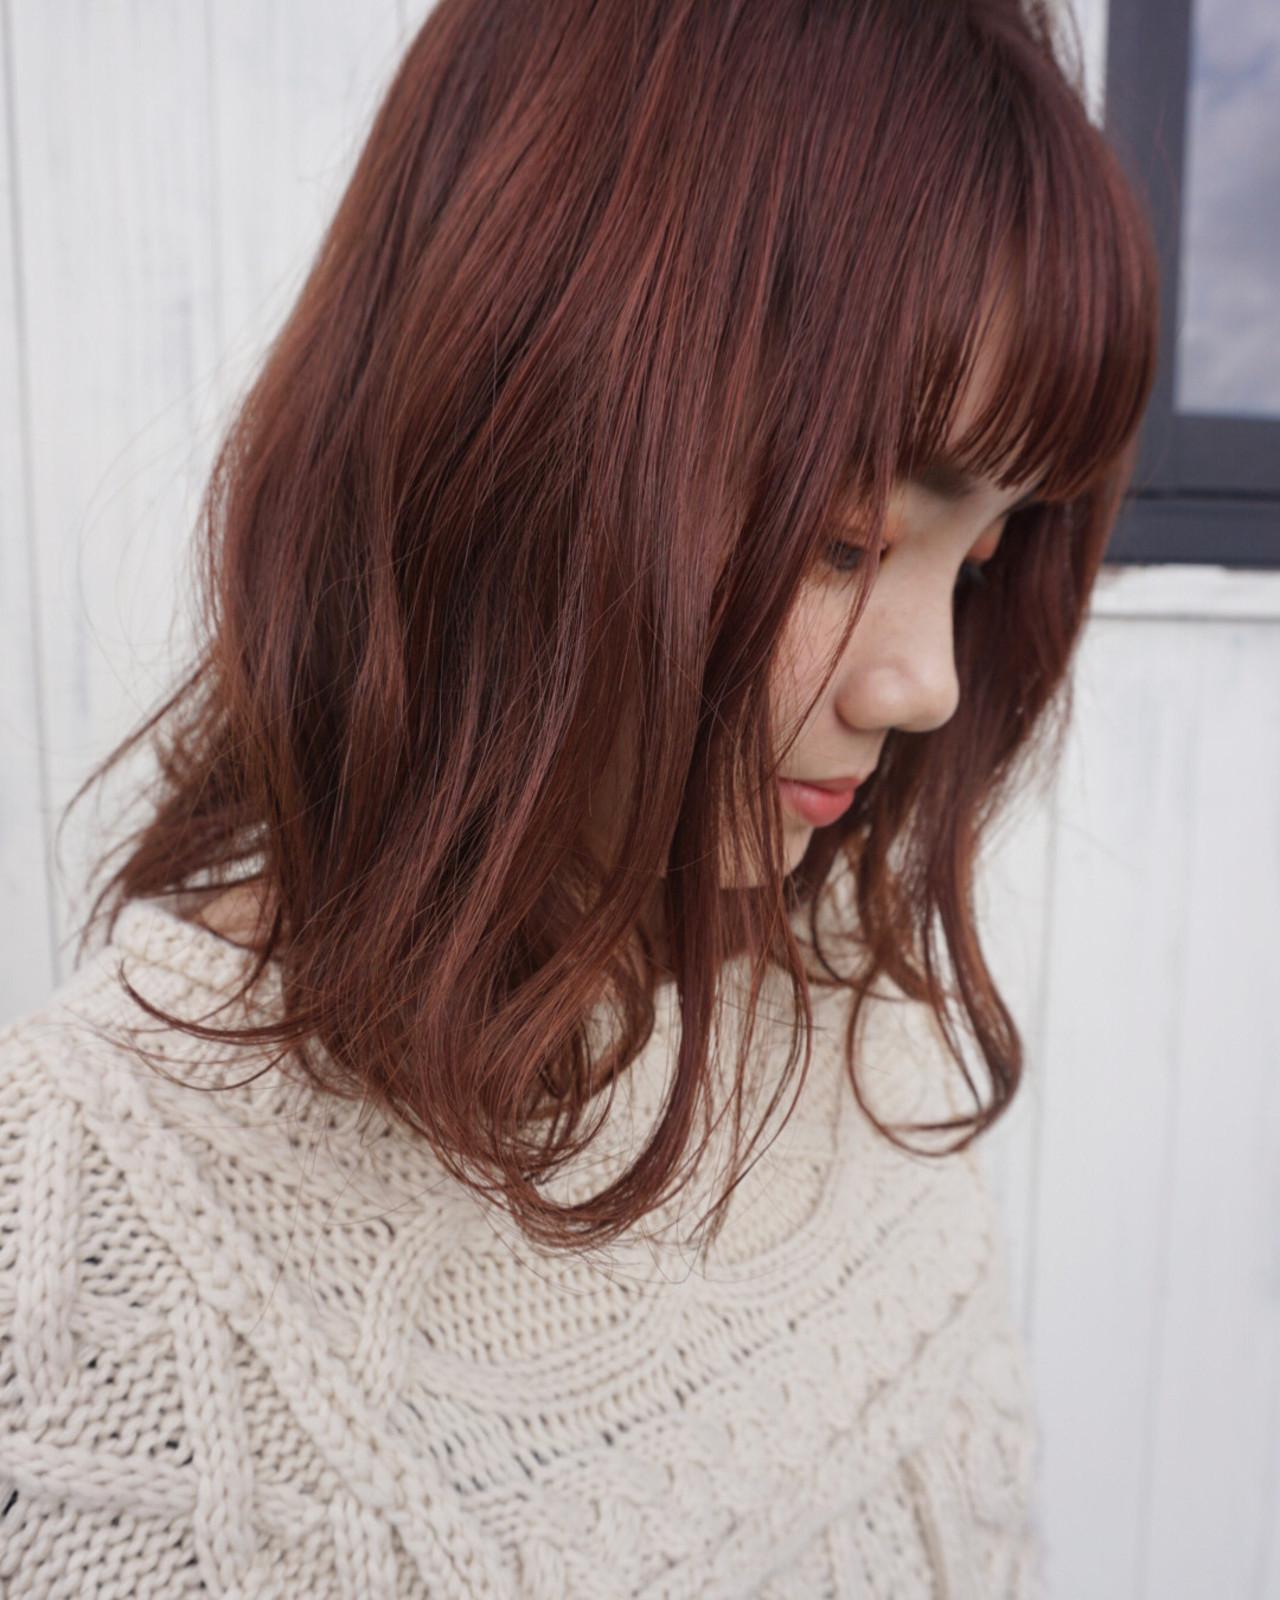 透明感カラー ピンクベージュ ゆる巻き ピンク ヘアスタイルや髪型の写真・画像